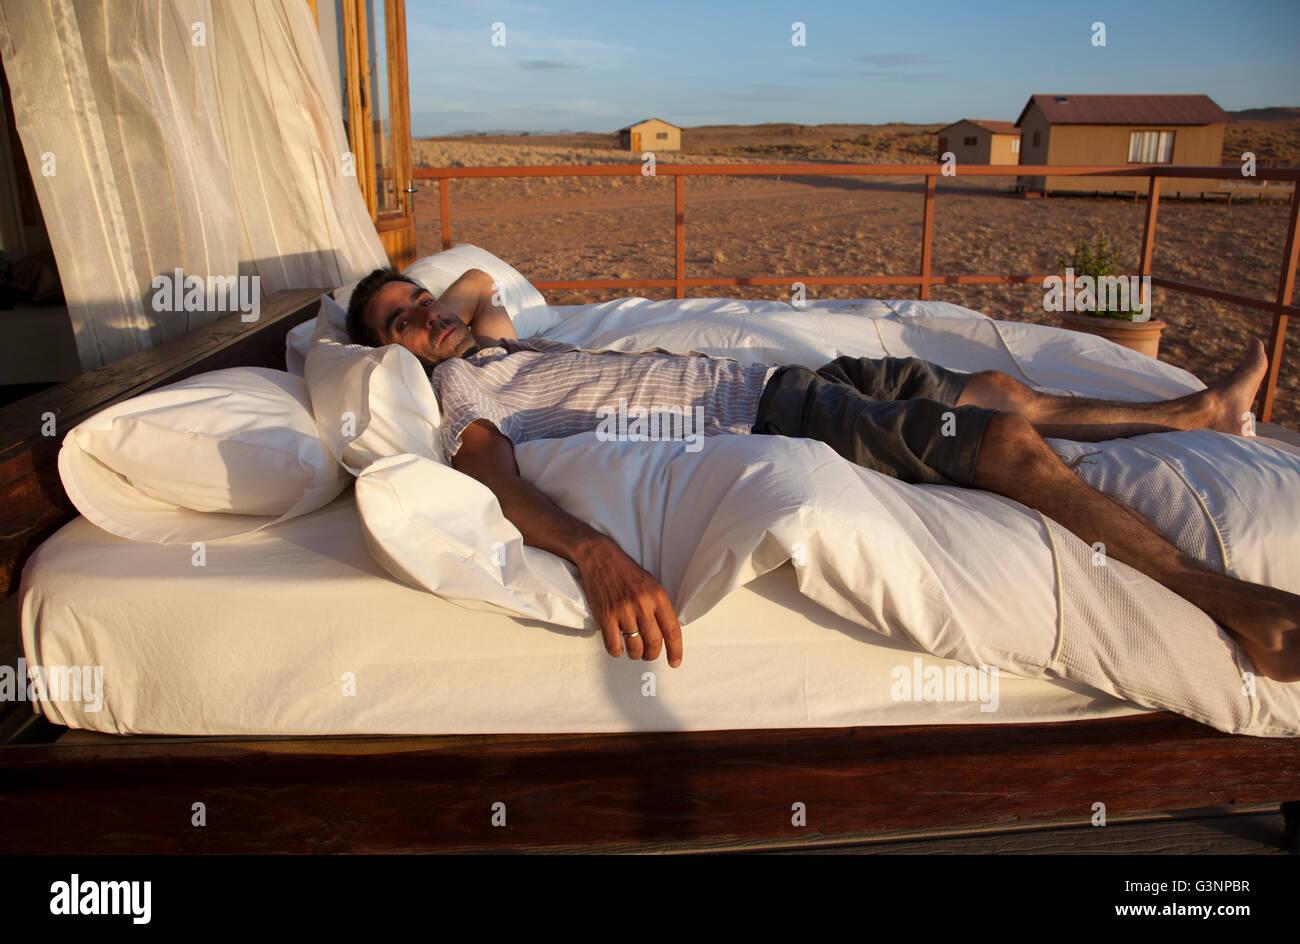 Man on Bed at Namib Desert Star Dune Camp in Namibia - Stock Image